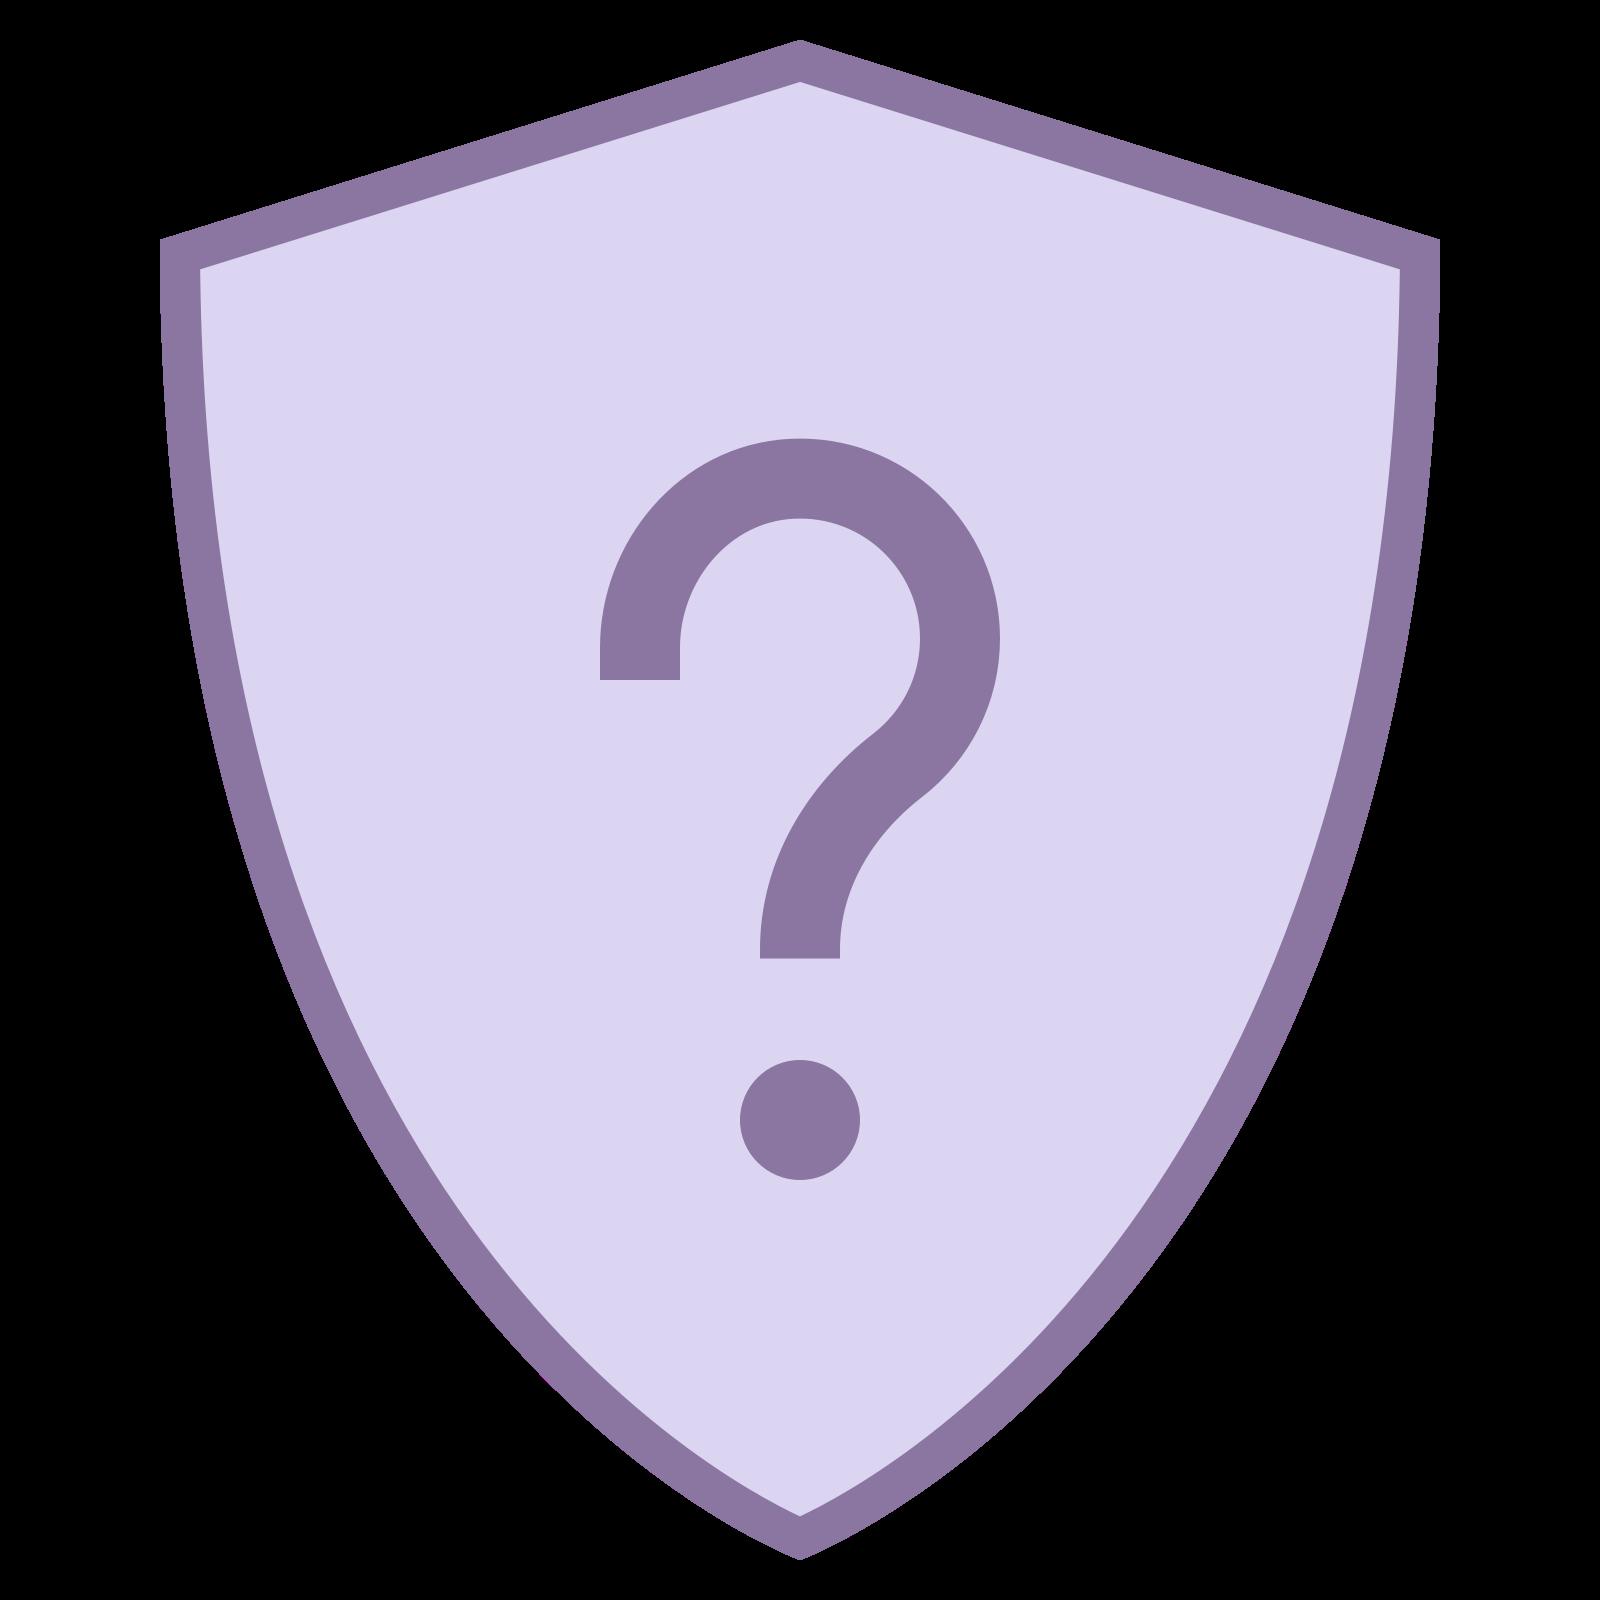 Tarcza pytanie icon